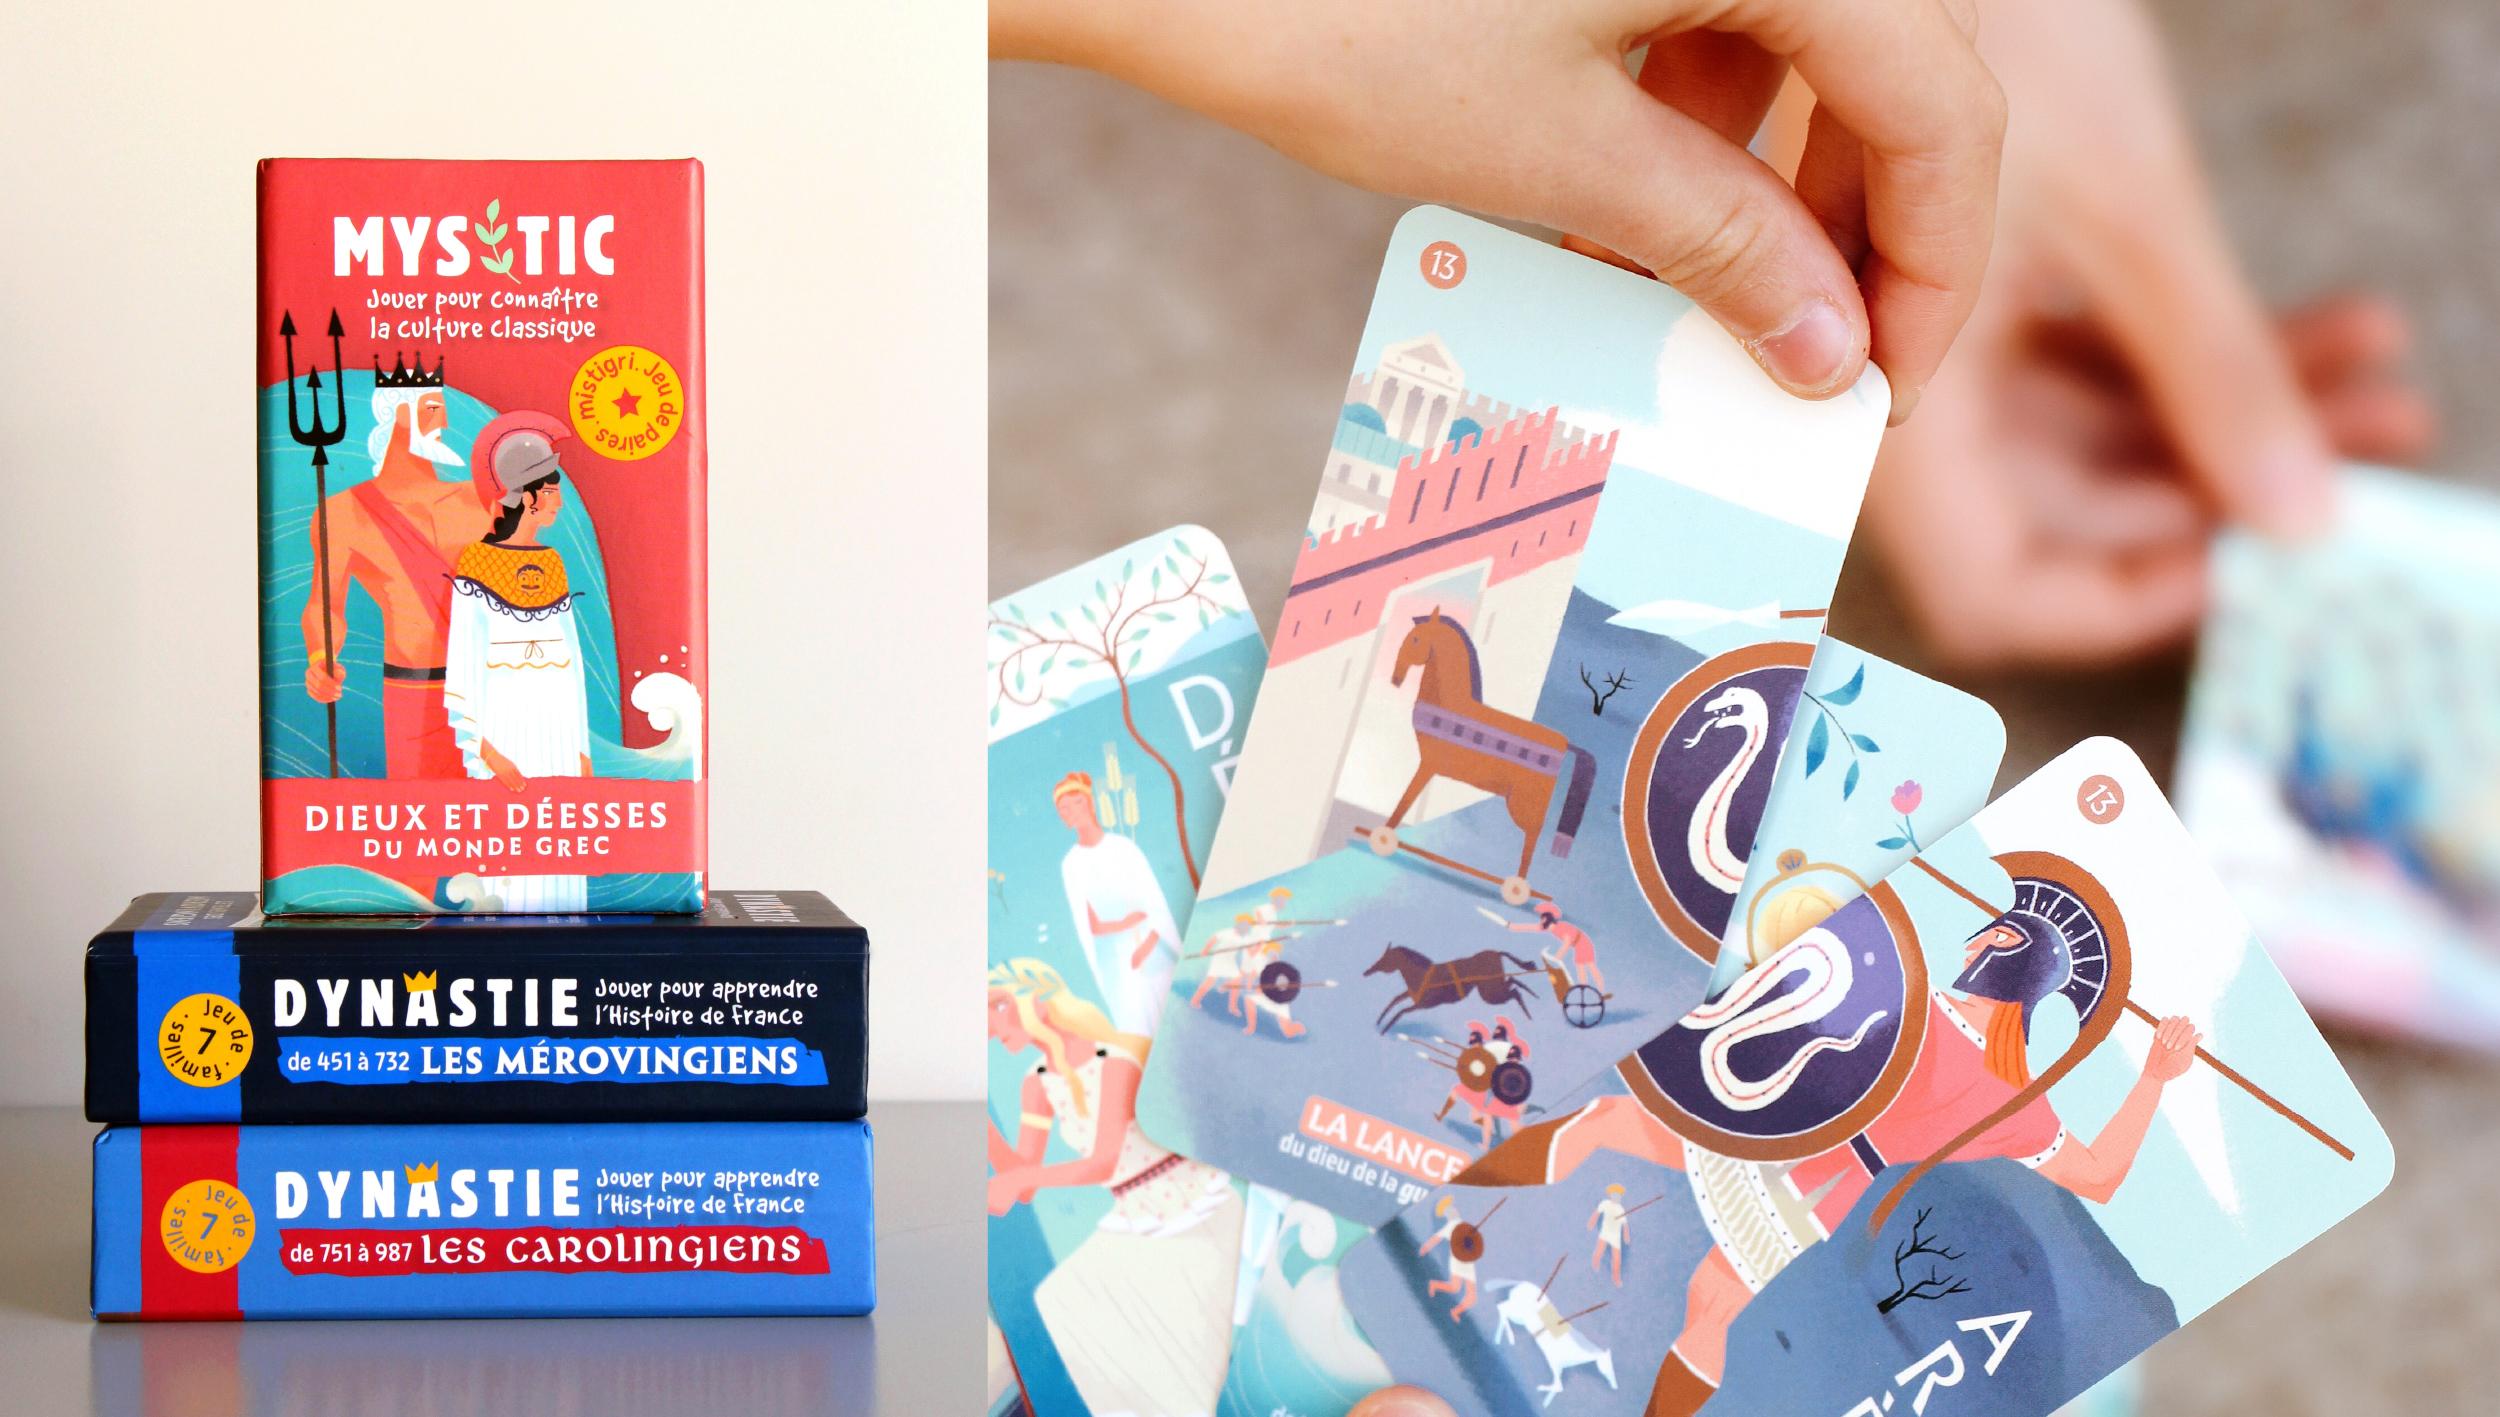 jeux de cartes ludiques pour découvrir histoire de france et culture classique